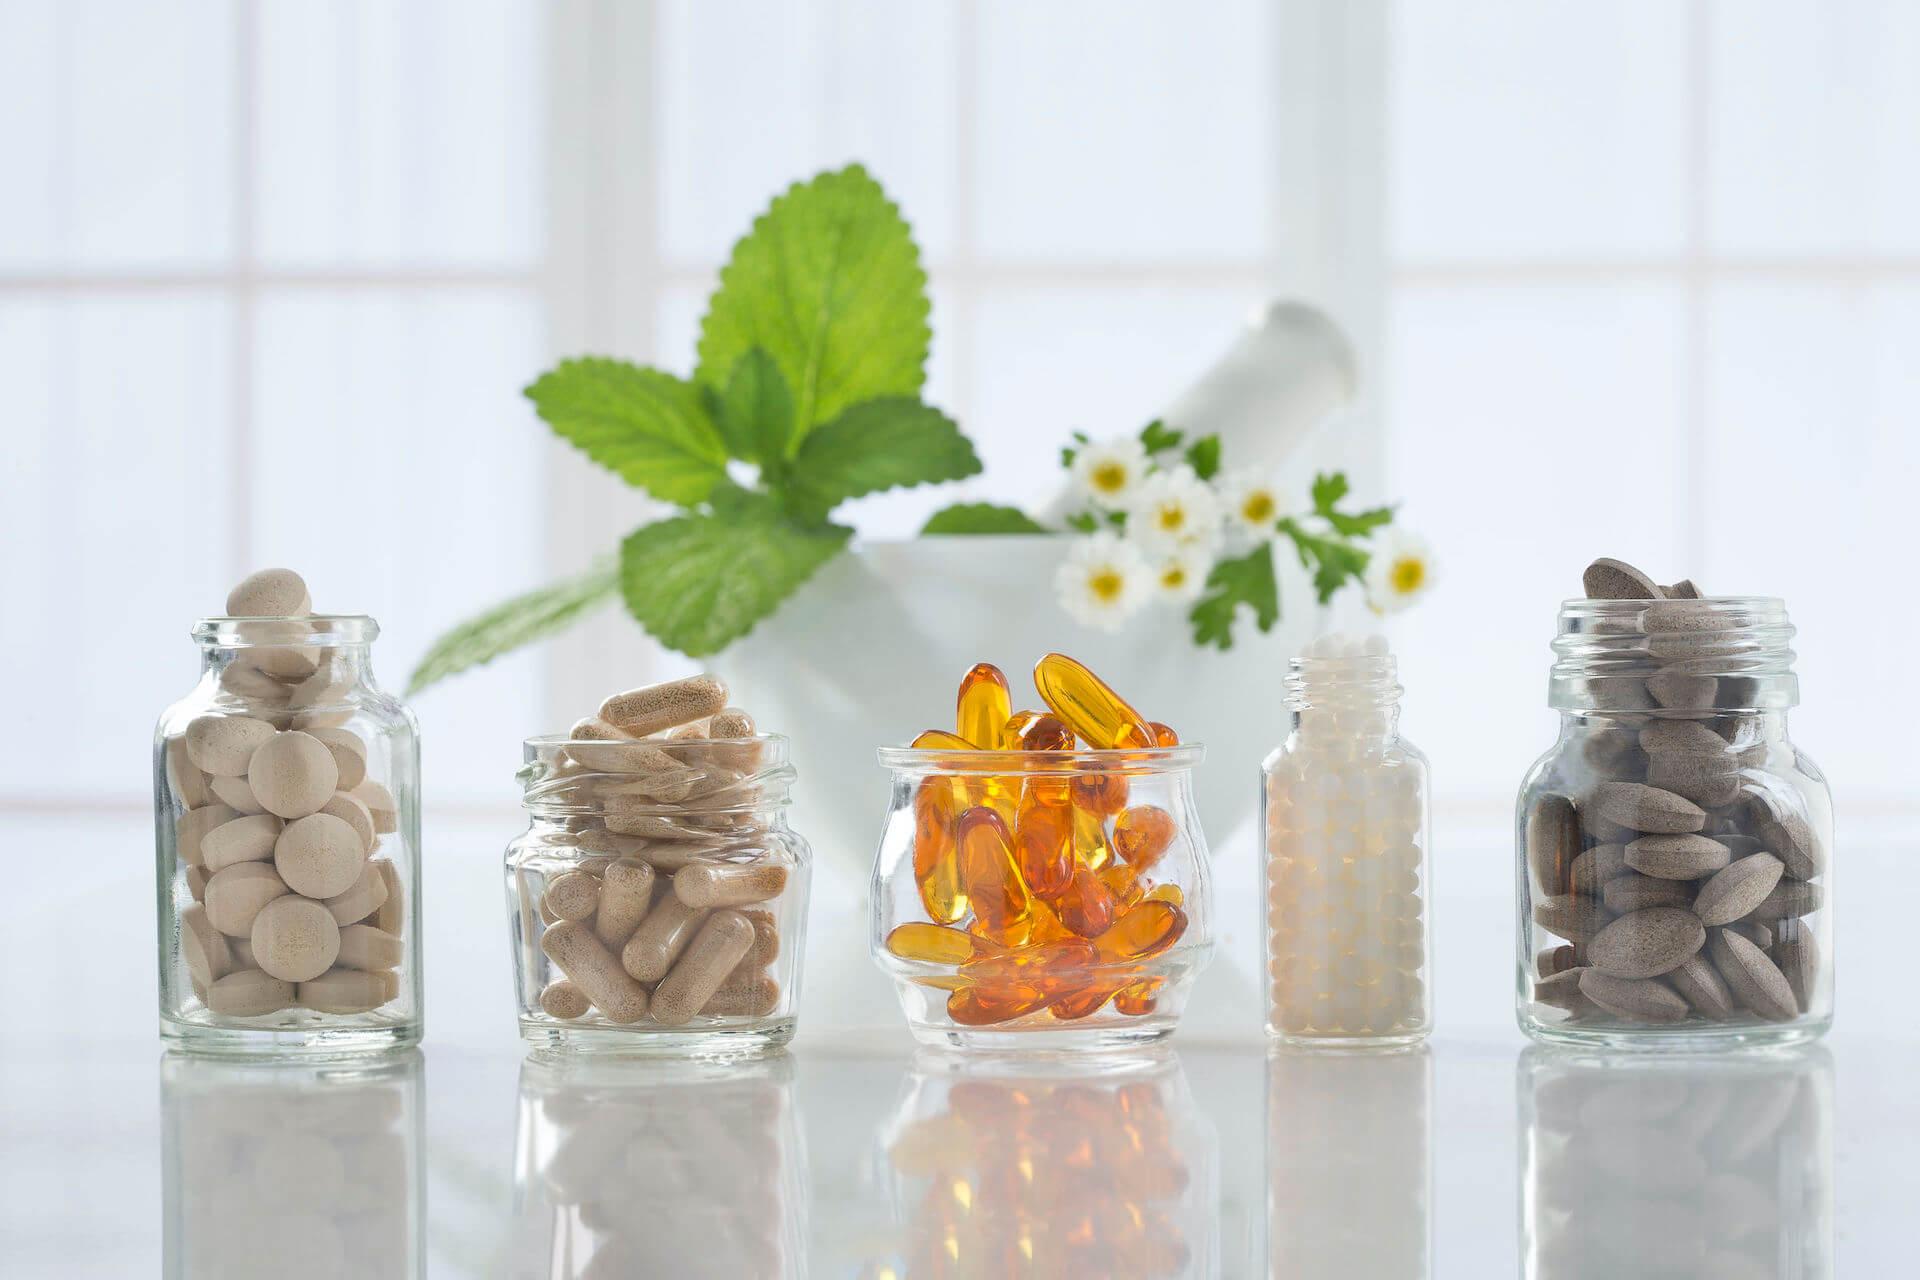 Fitosalus centar prirodno liječenje fitoterapija aromaterapija eterično ulje mikronutricija